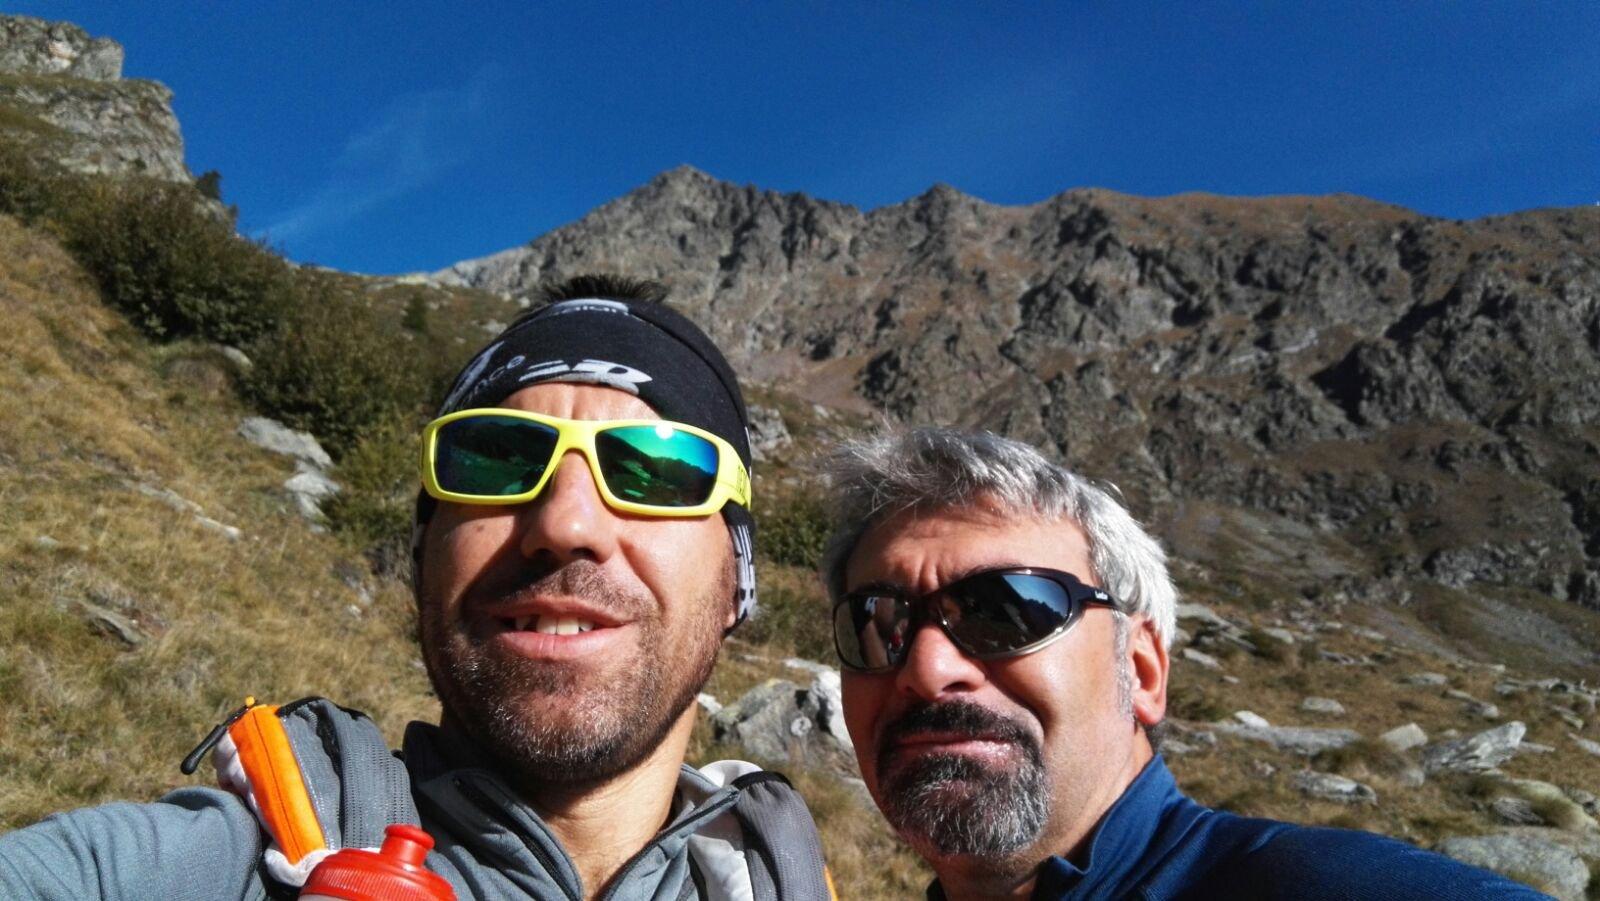 Don Camillo, Peppone ed il Mont Nery sullo sfondo...